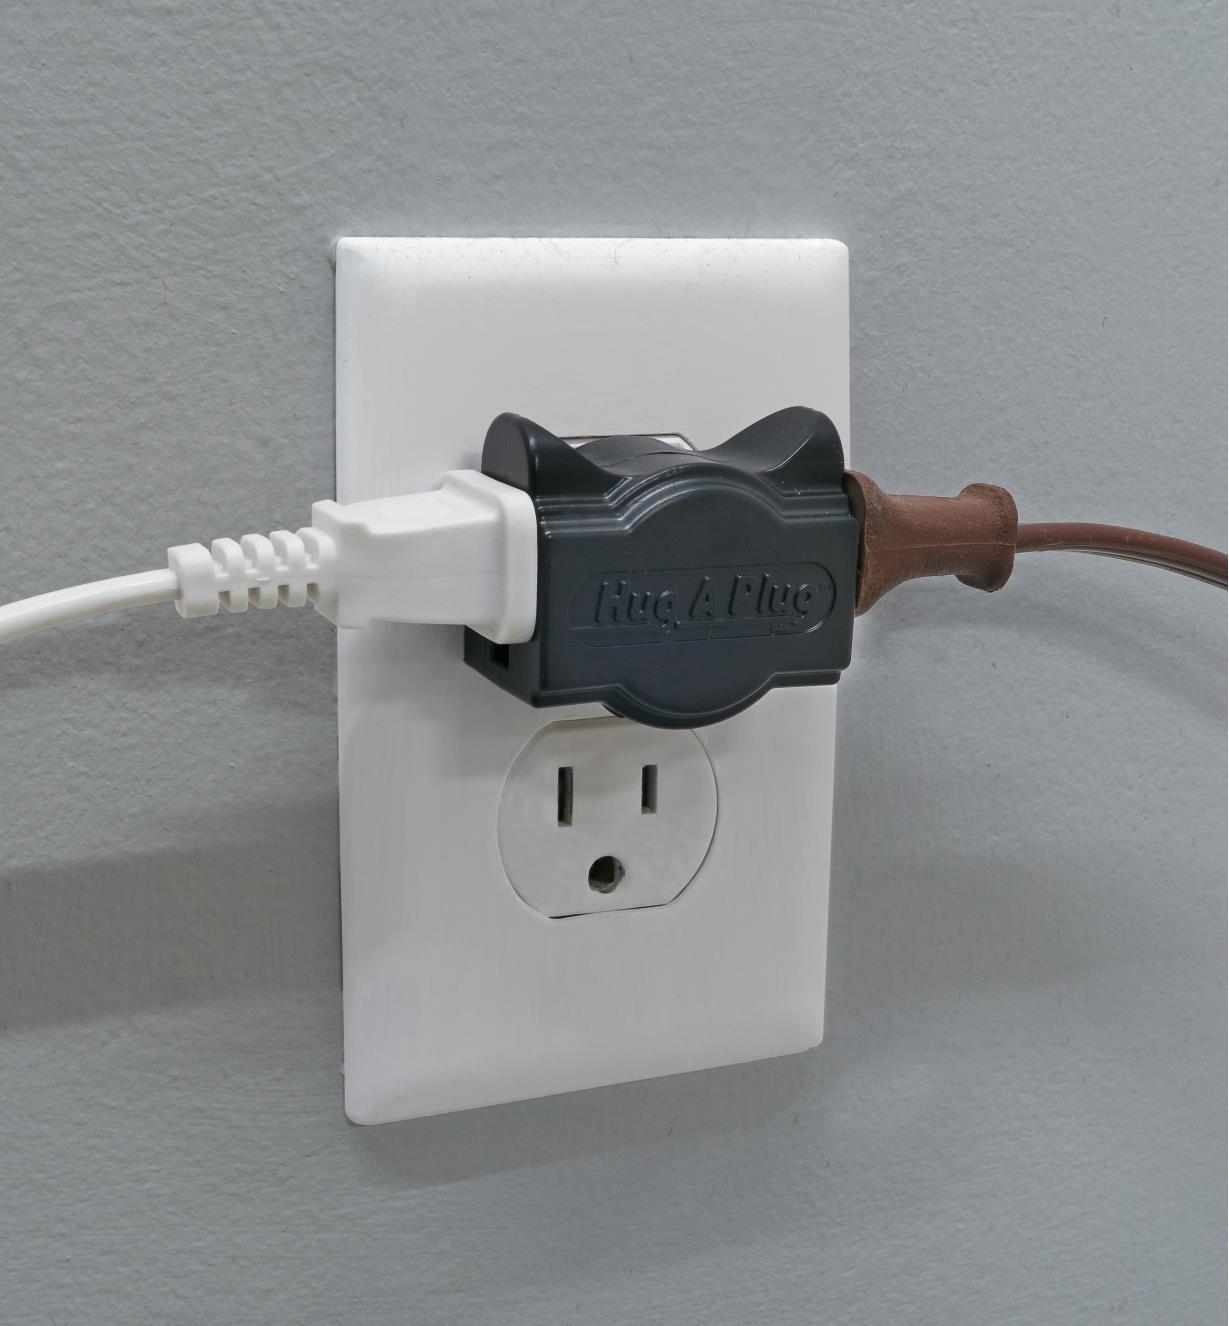 09A0853 - Adaptateurs de prise minces Hug-A-Plug, noir, la paire